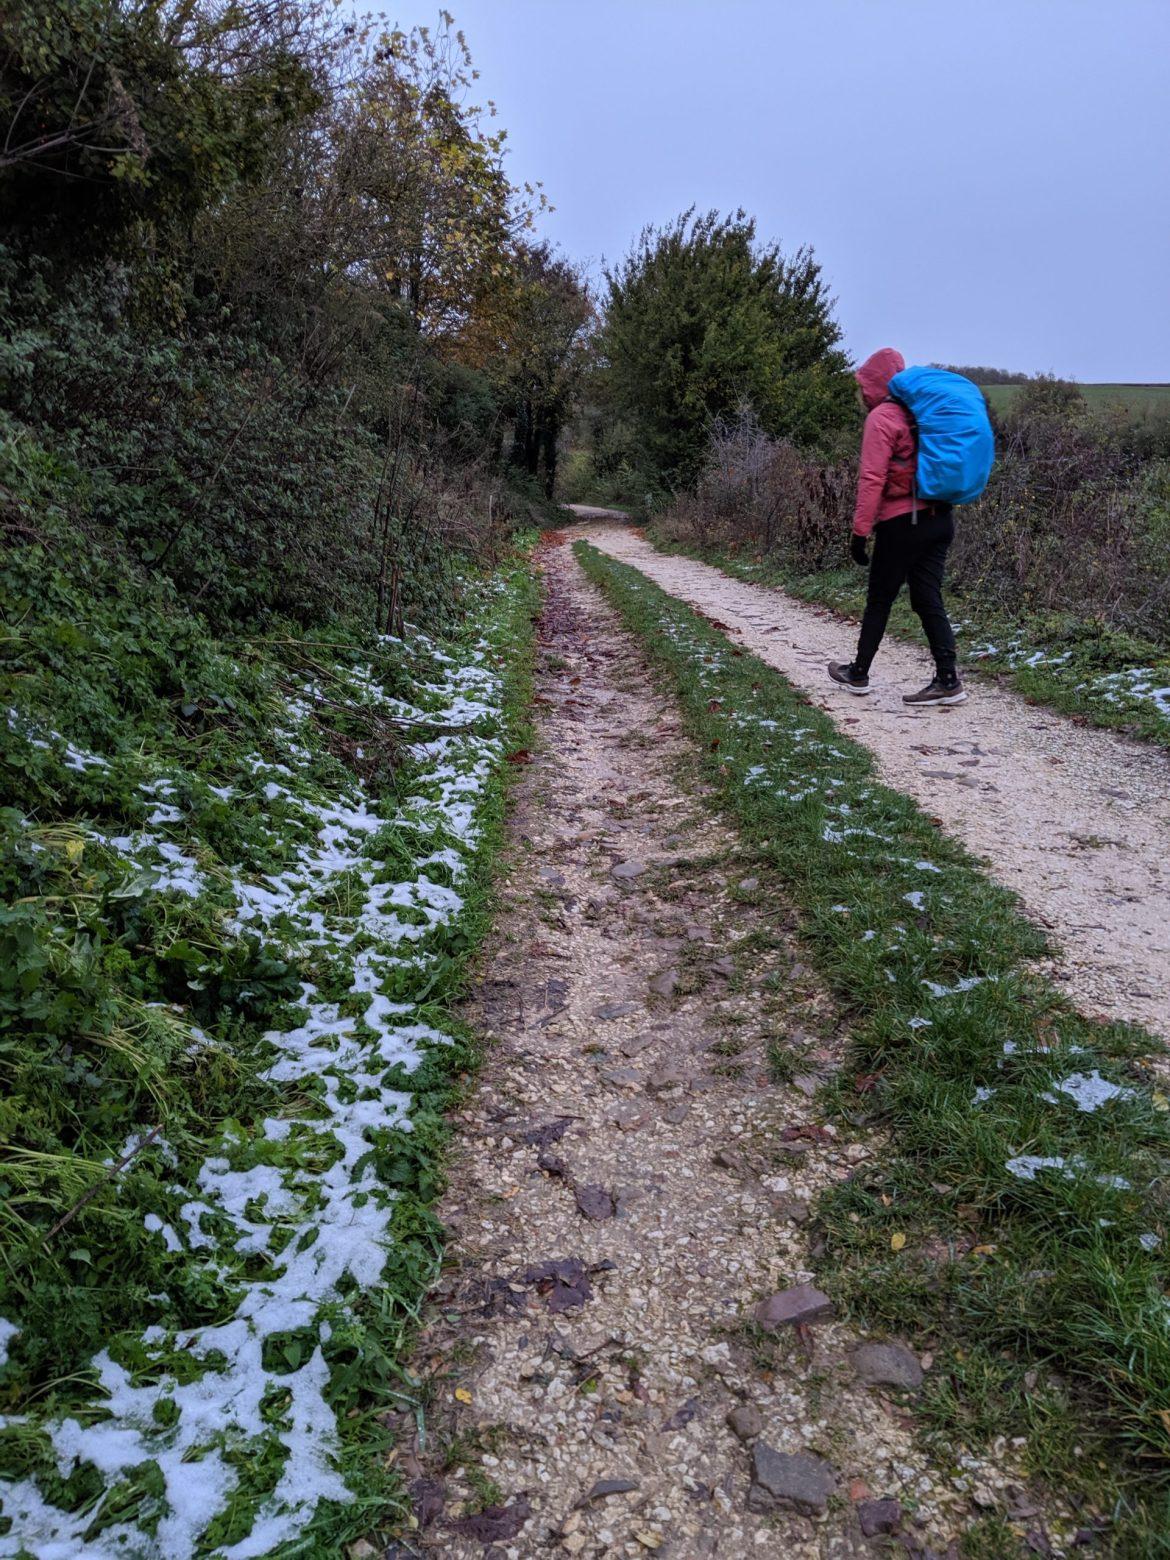 Camino IIIMG_20191111_081126